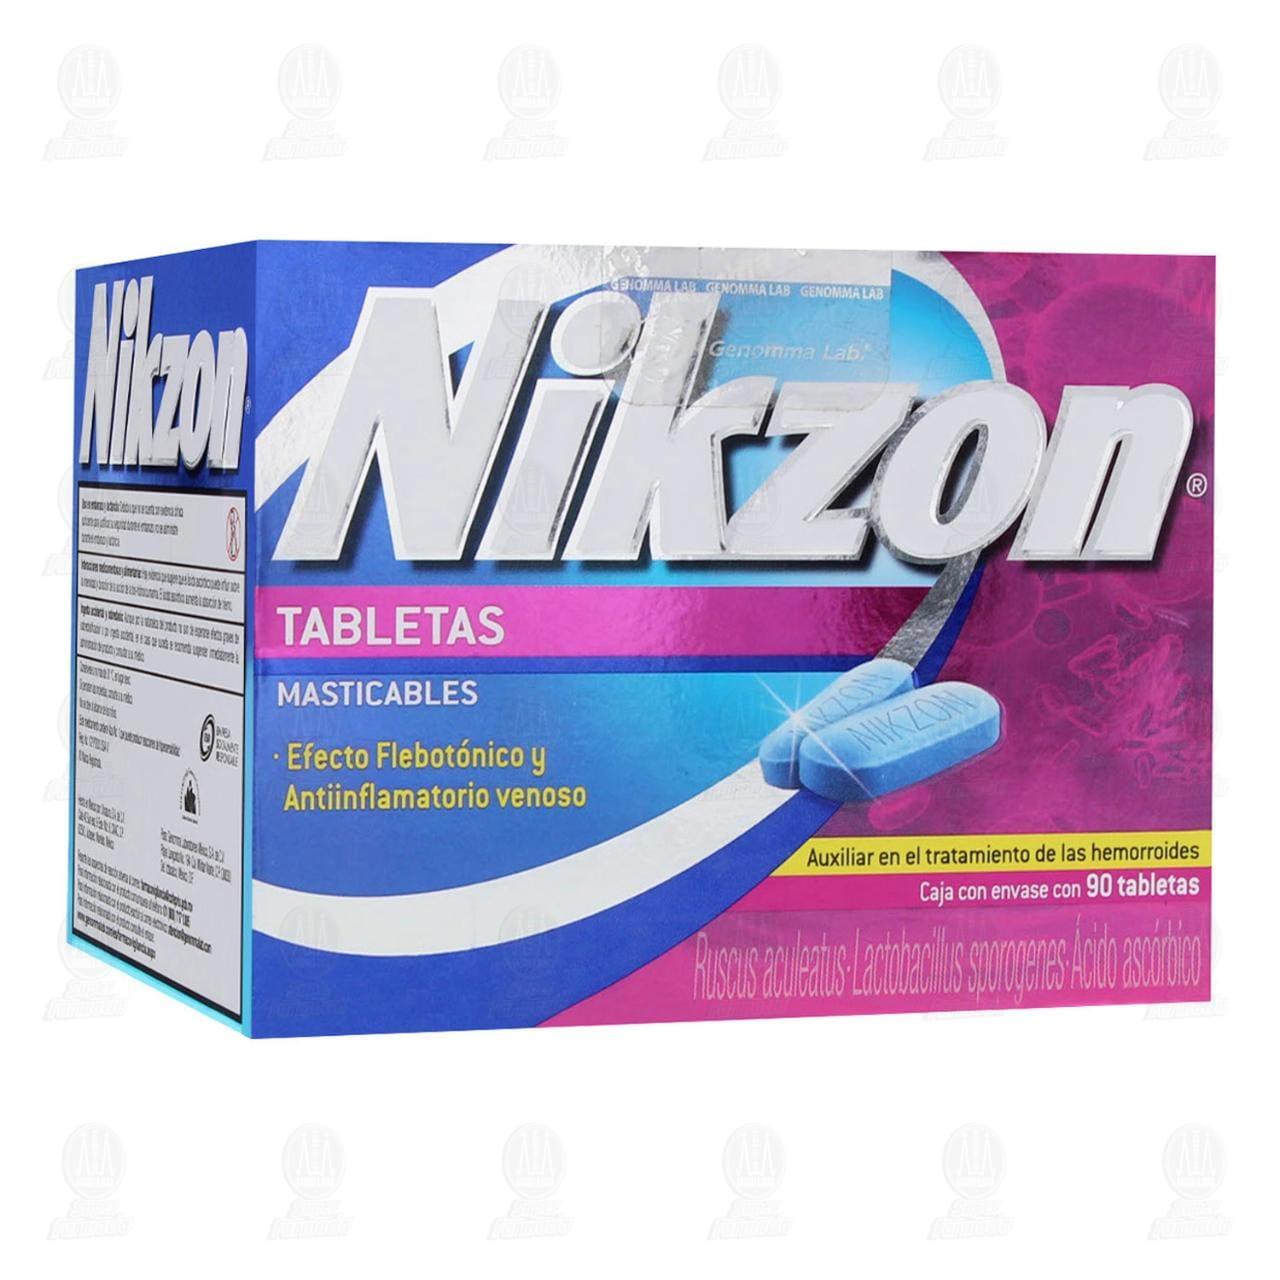 Comprar Nikzon 90 Tabletas Masticables en Farmacias Guadalajara